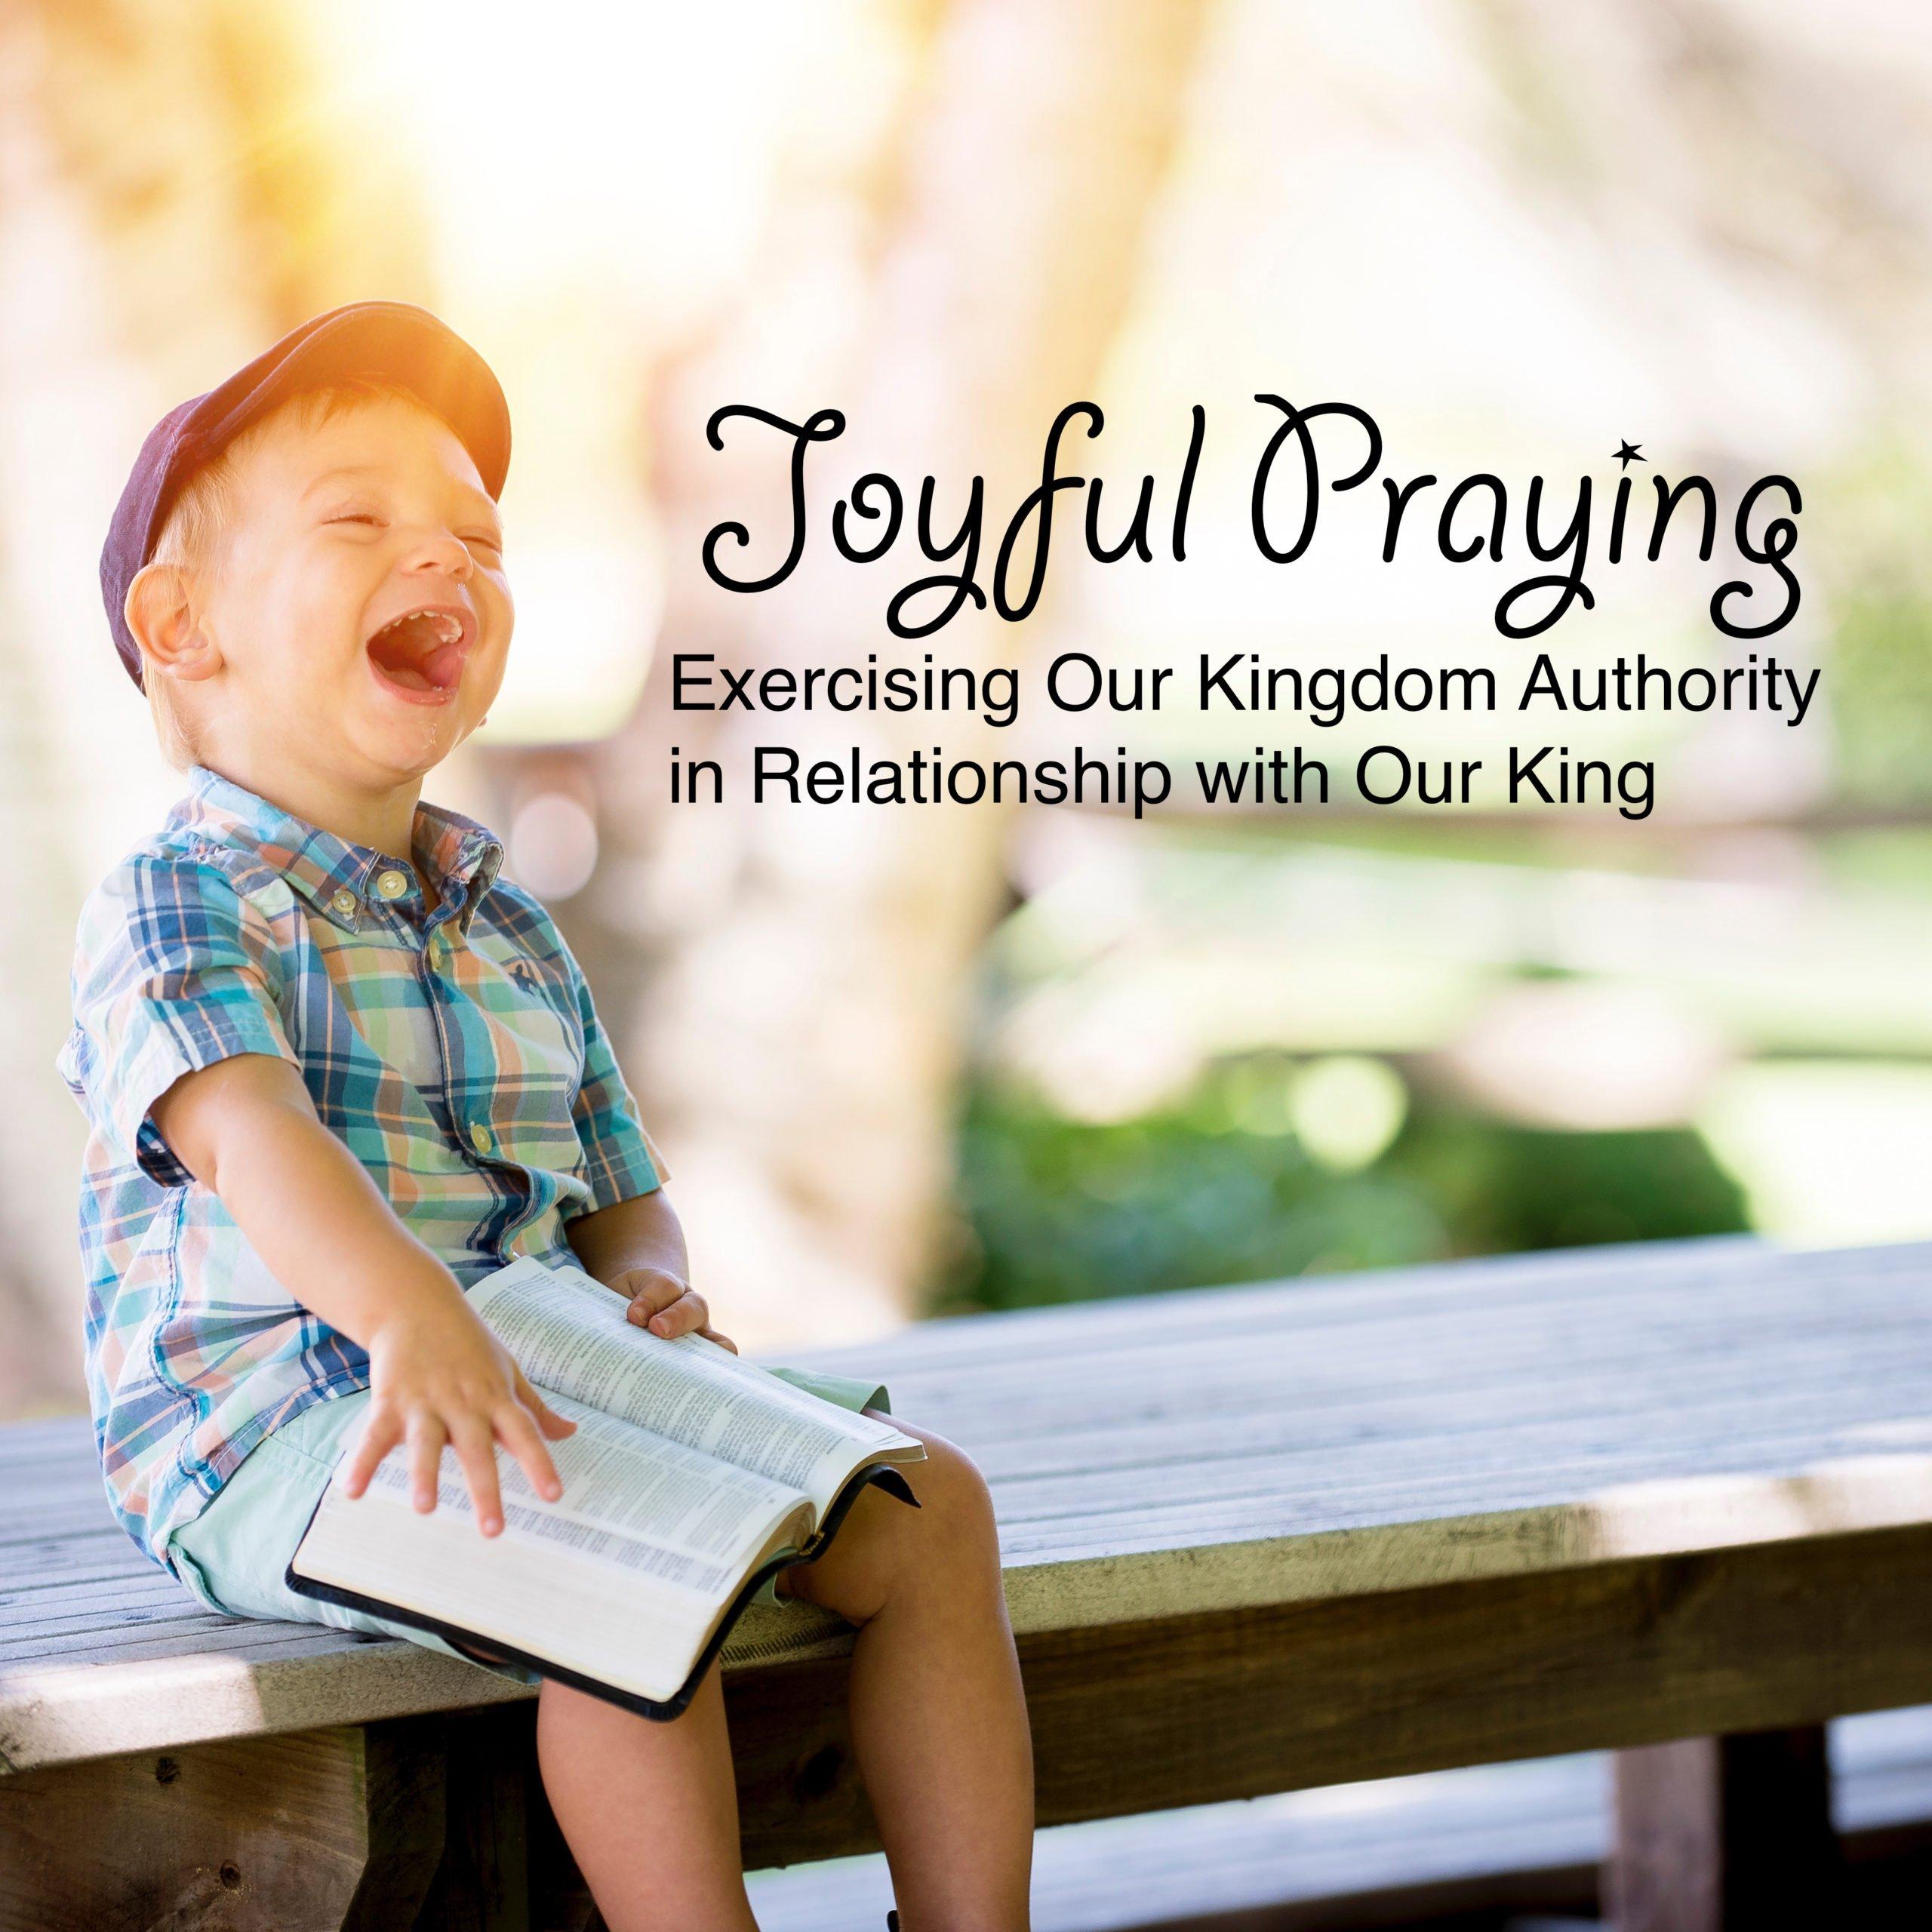 I Always Pray with Joy